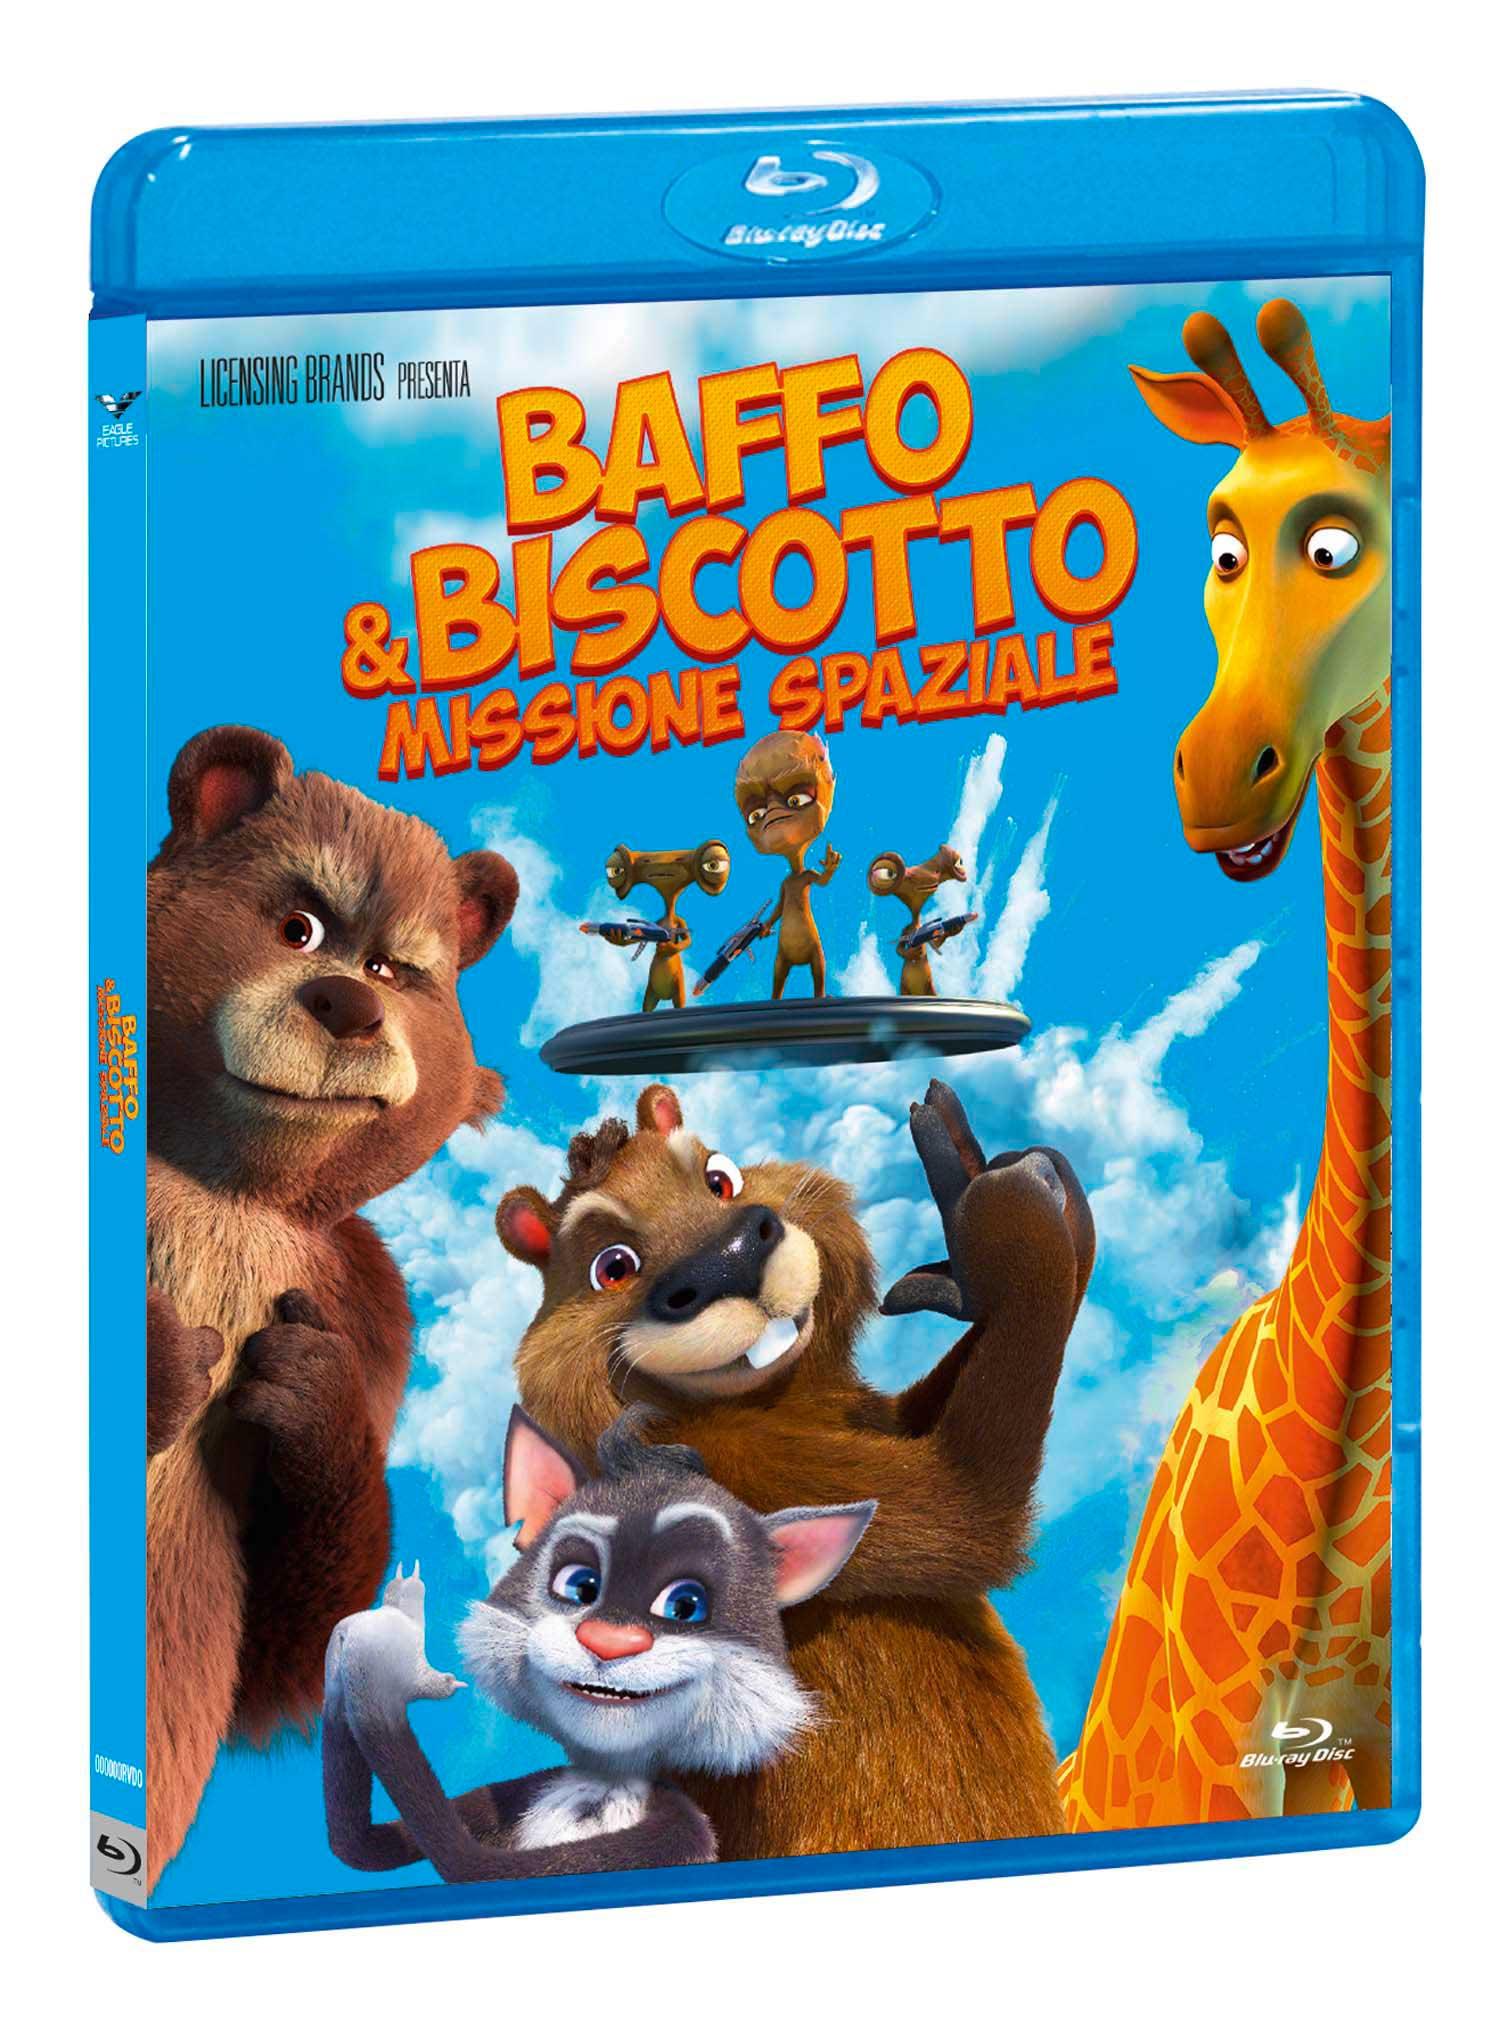 BAFFO & BISCOTTO - MISSIONE SPAZIALE - BLU RAY